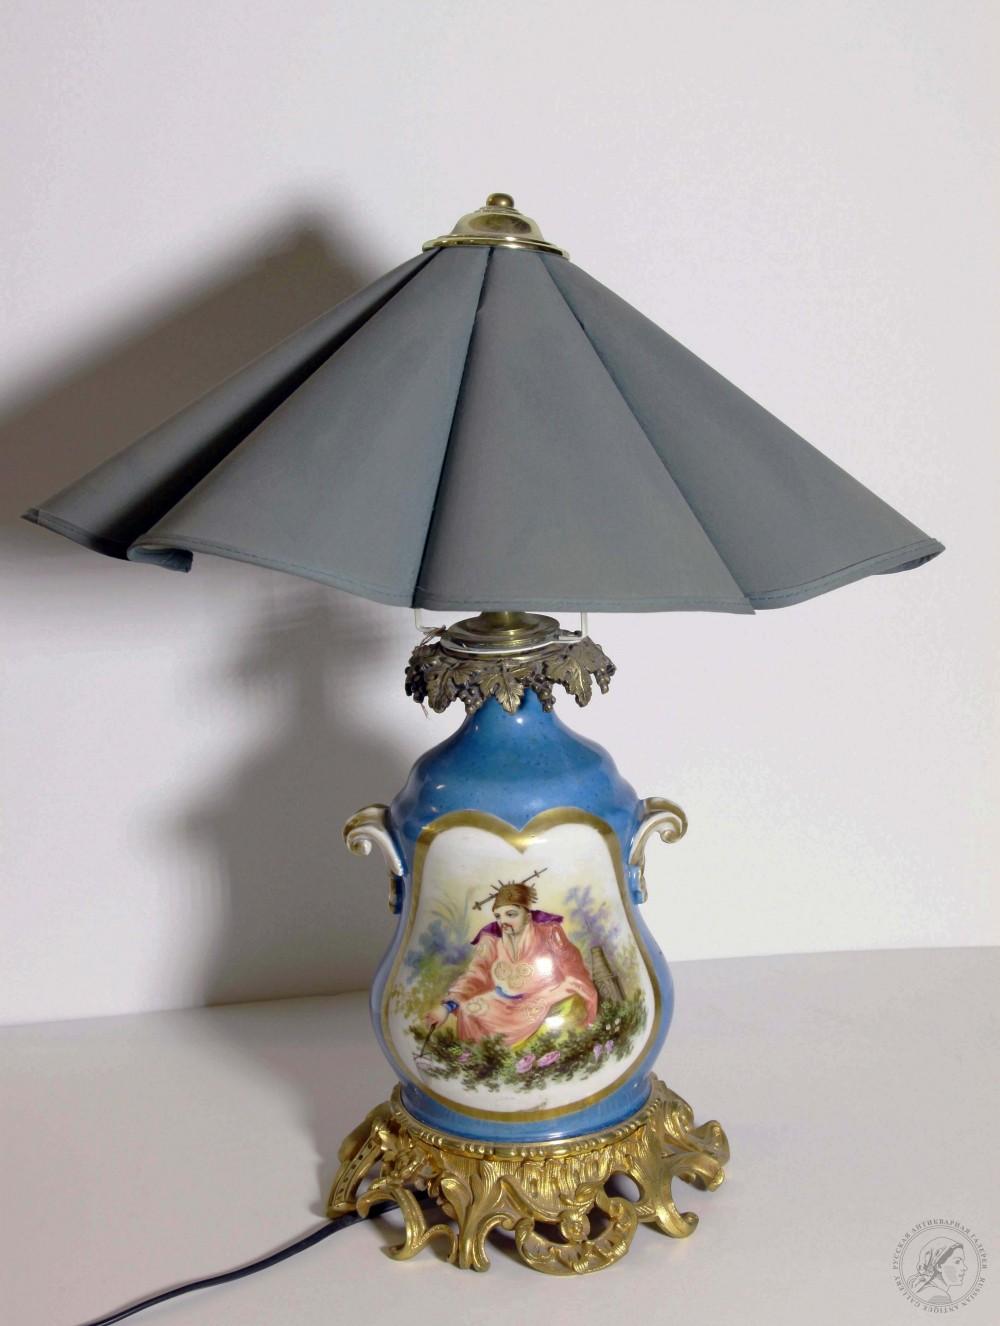 Лампа фарфоровая в псевдобарочном стиле с фарфоровым туловом